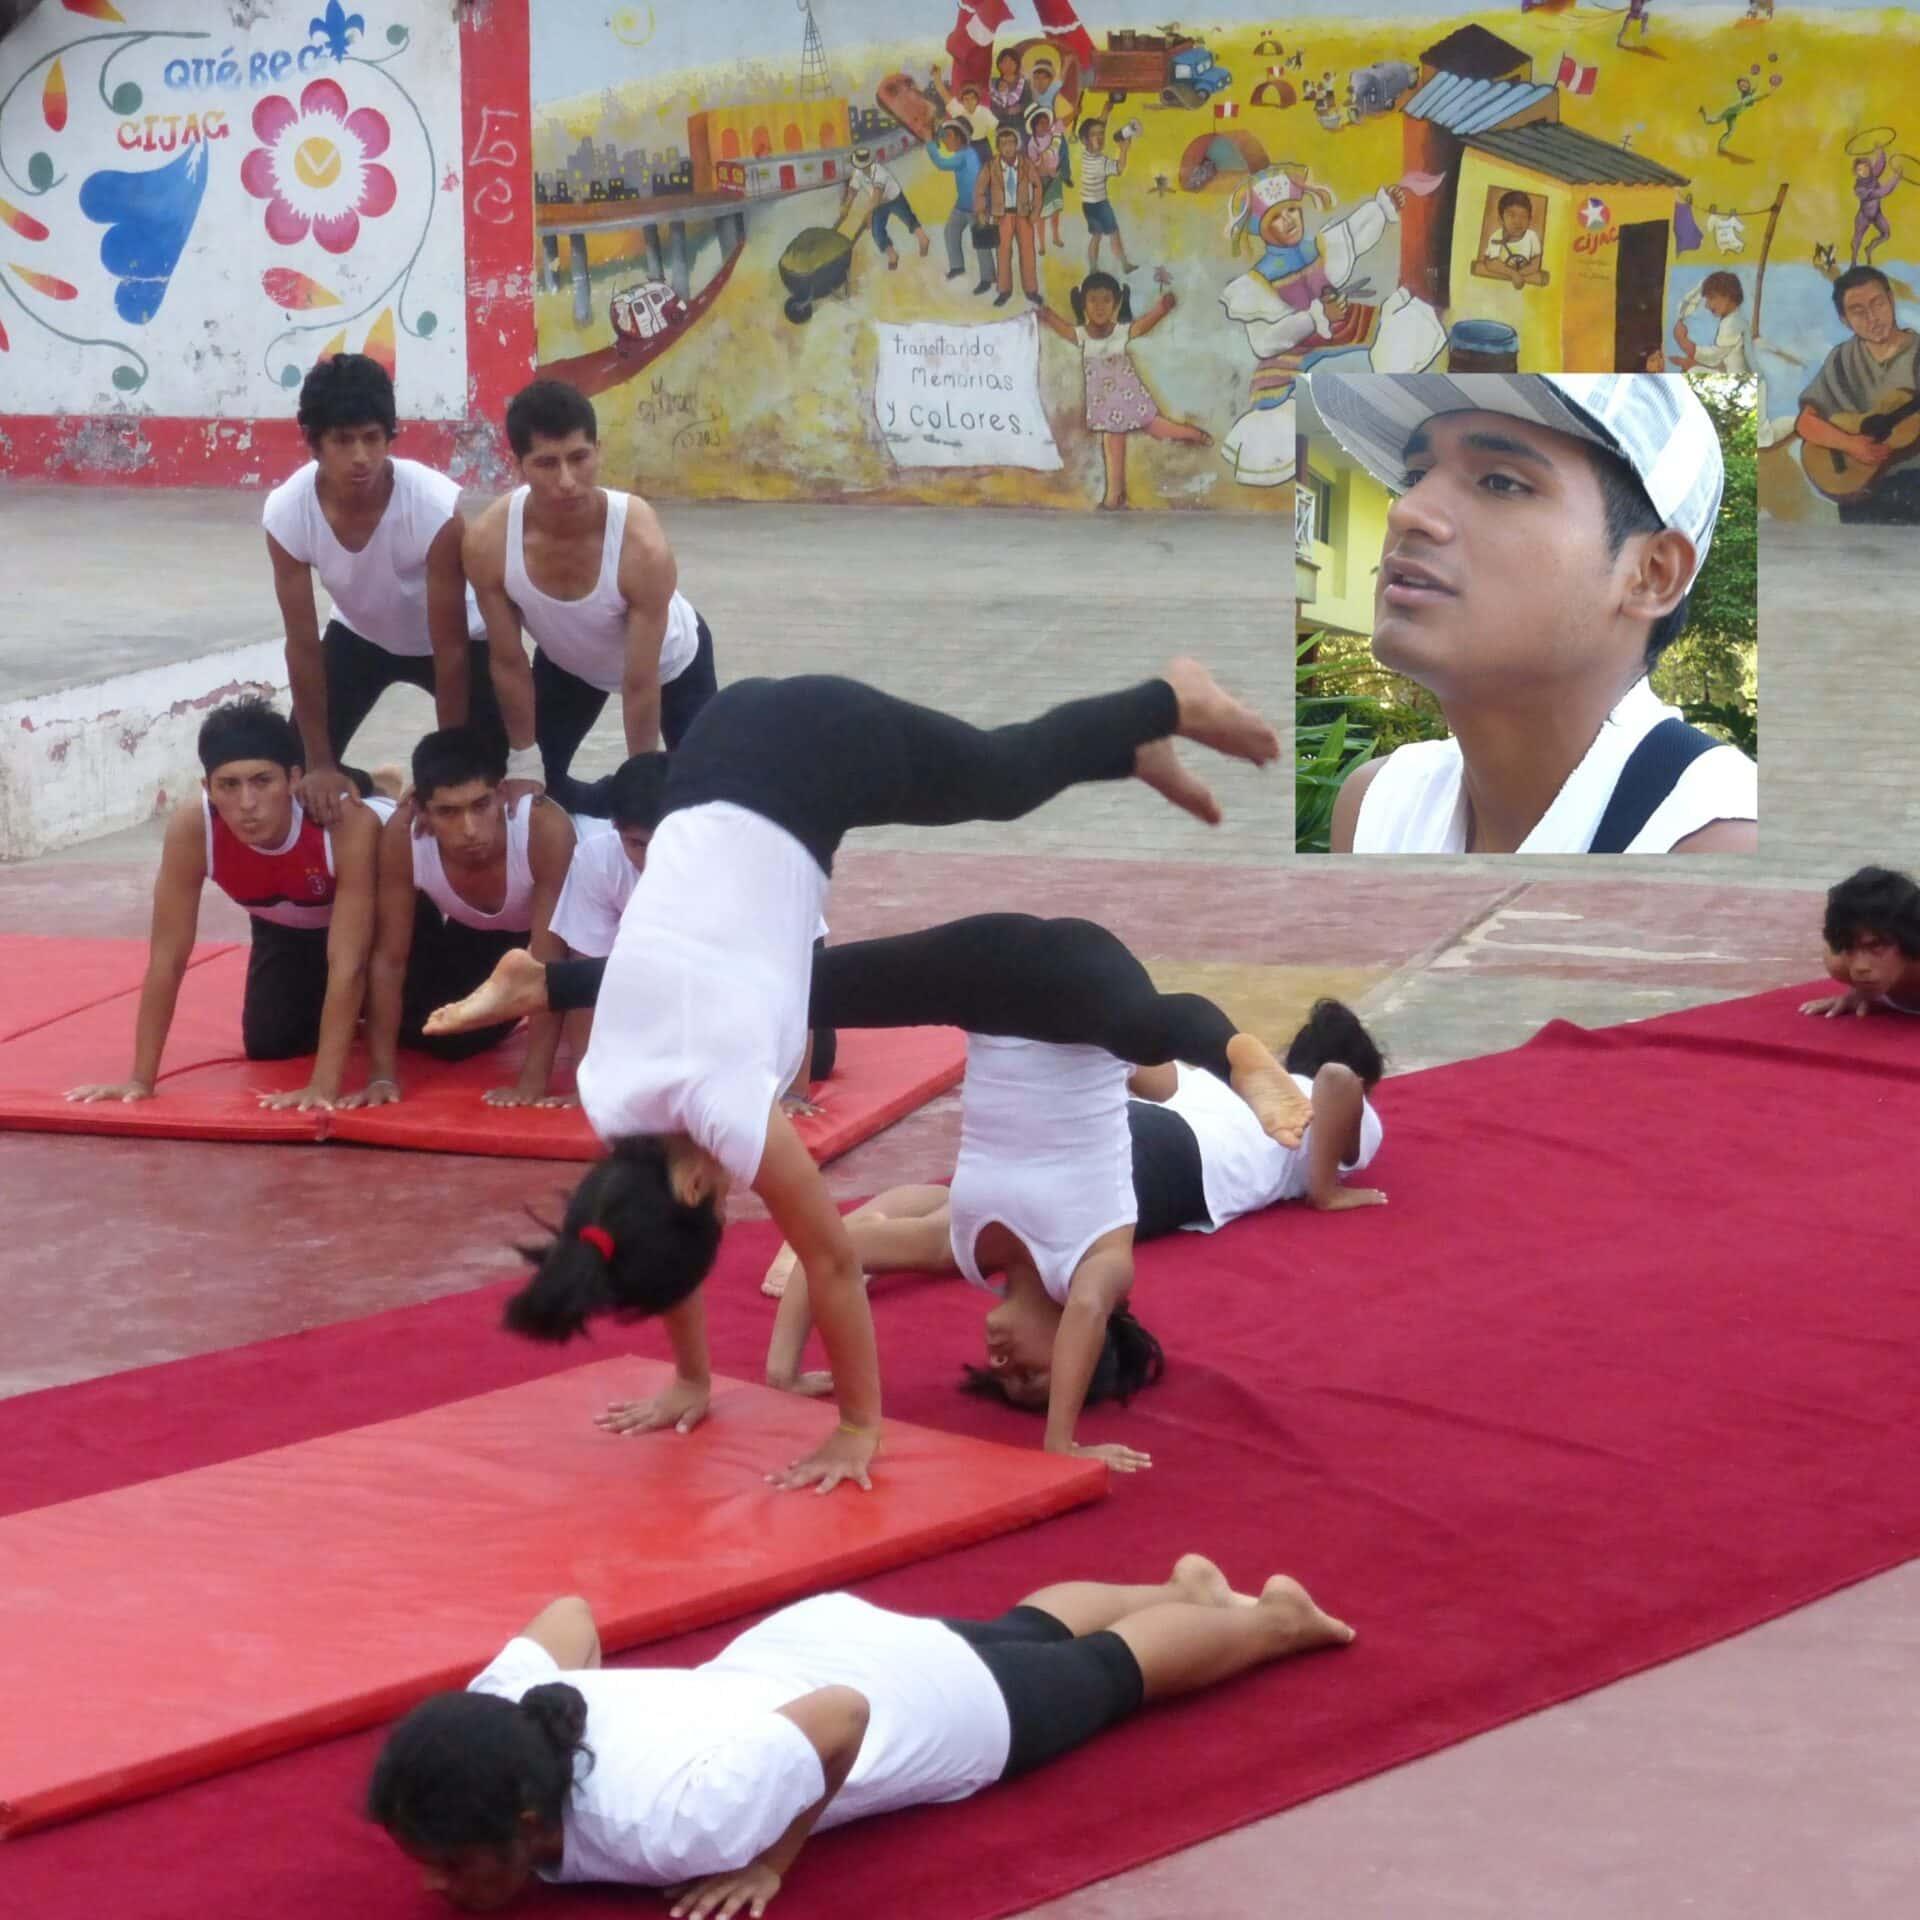 Eine Gruppe von Jugendlichen bei einer Zirkusaufführung.